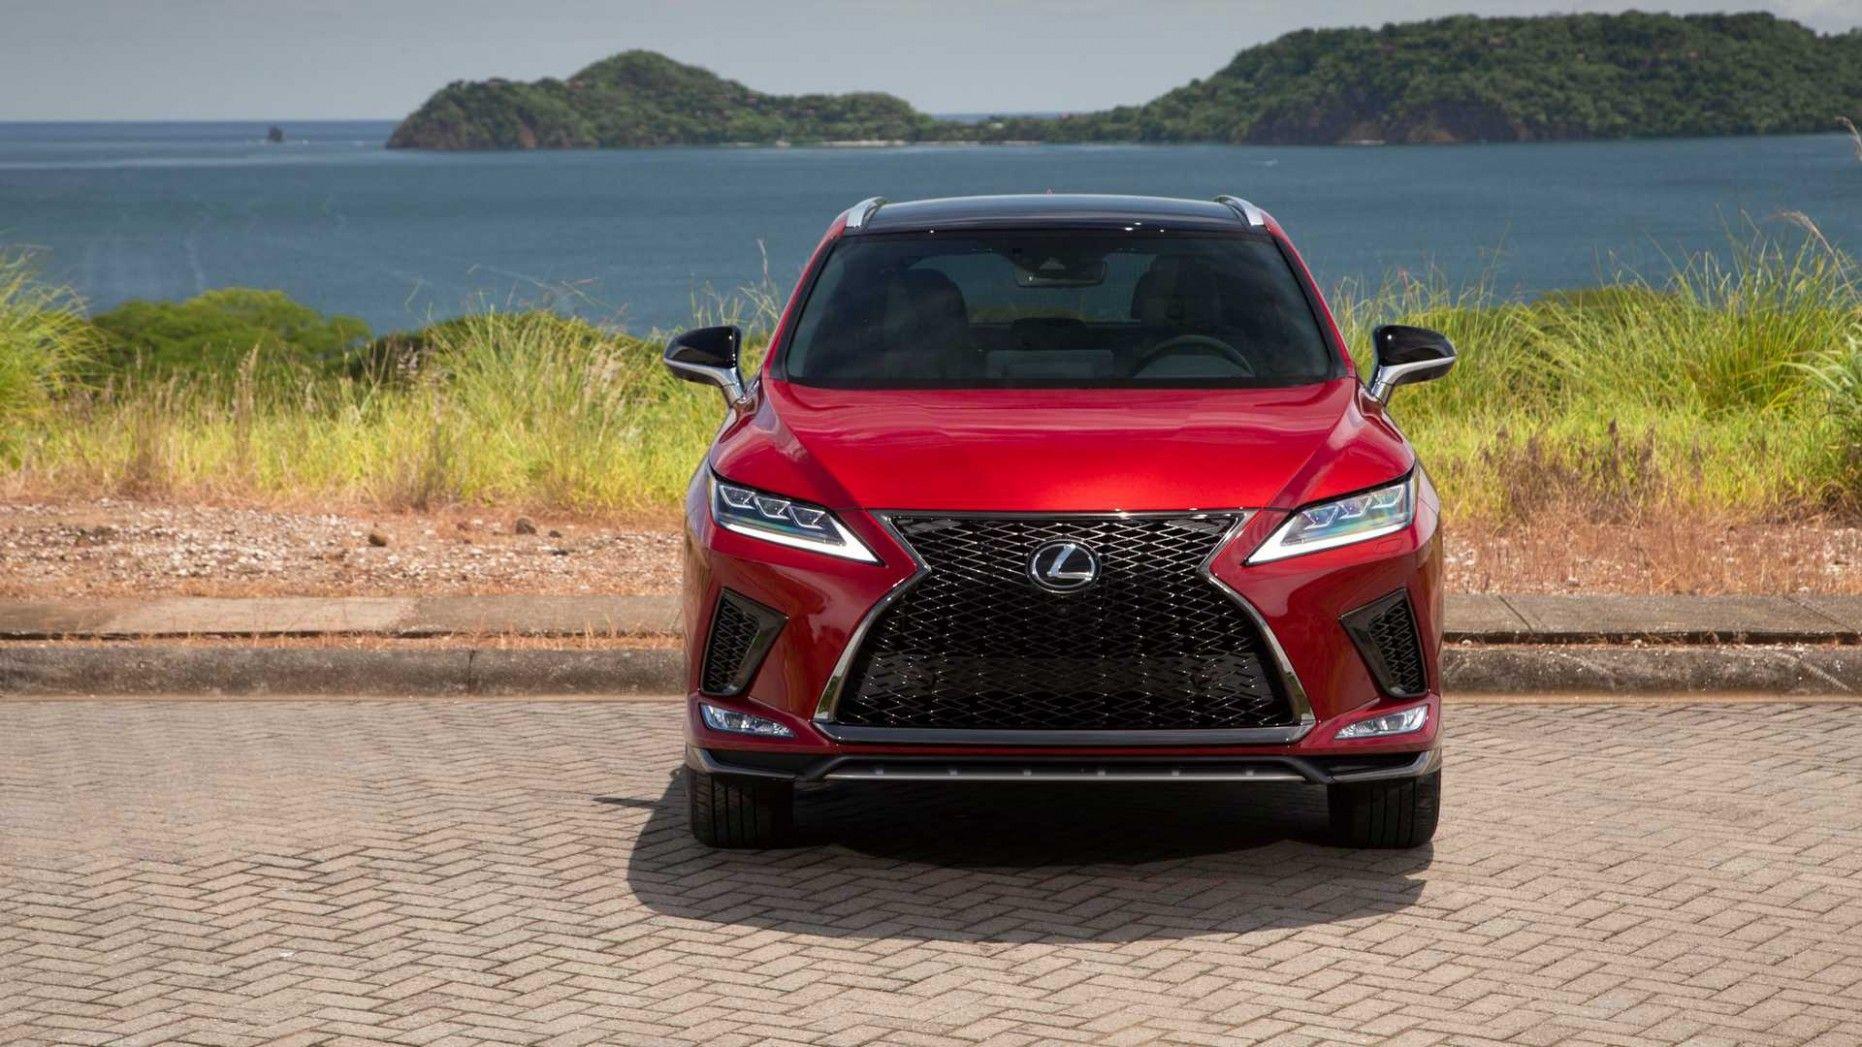 2020 Lexus Rx Hybrid Price And Review 2020 Car Reviews Lexus Rx 350 Lexus Chevrolet Volt